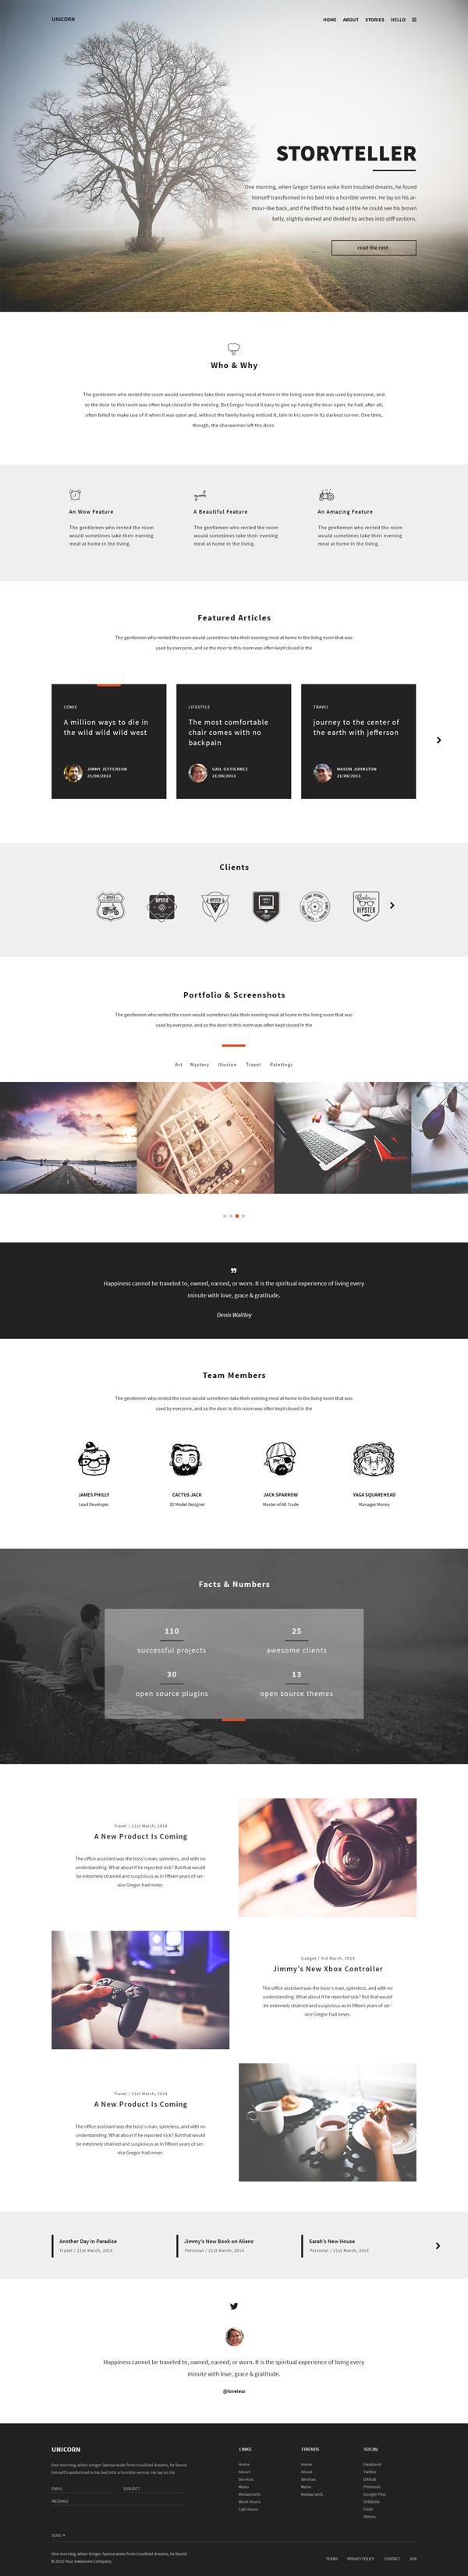 Moderno Plantillas Web Photoshop Bosquejo - Ejemplo De Colección De ...